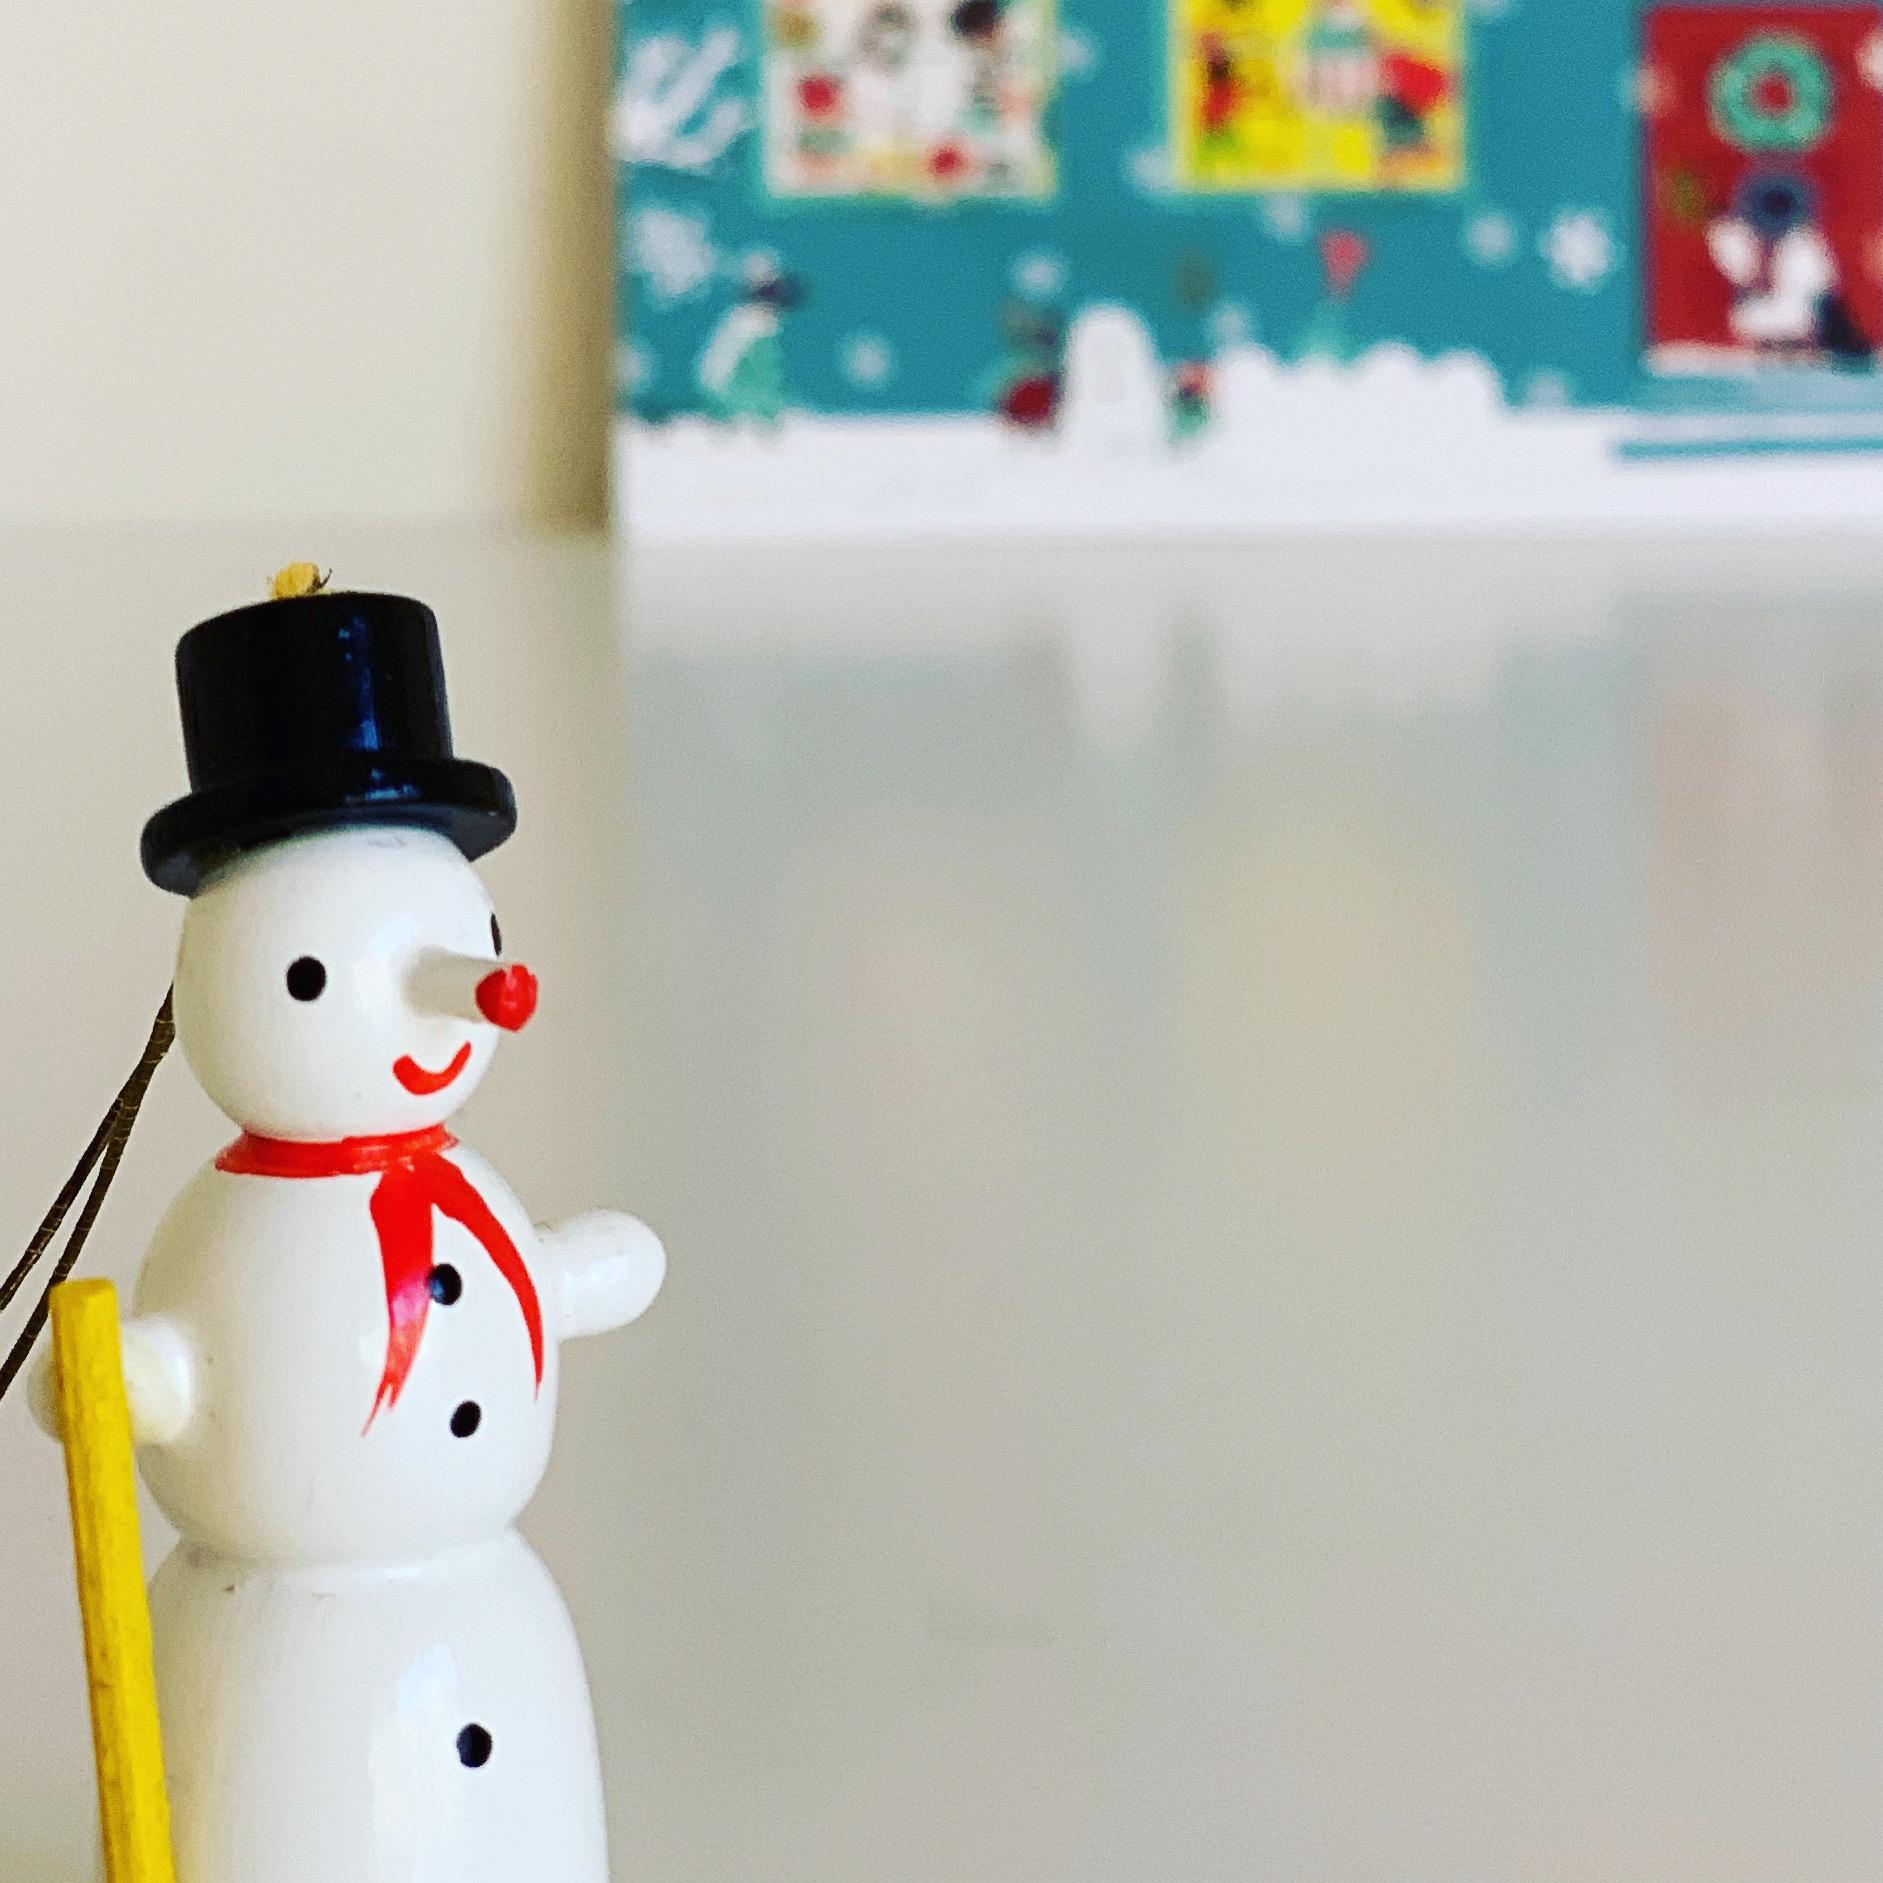 かぞくでワクワク、な12月を過ごそう。